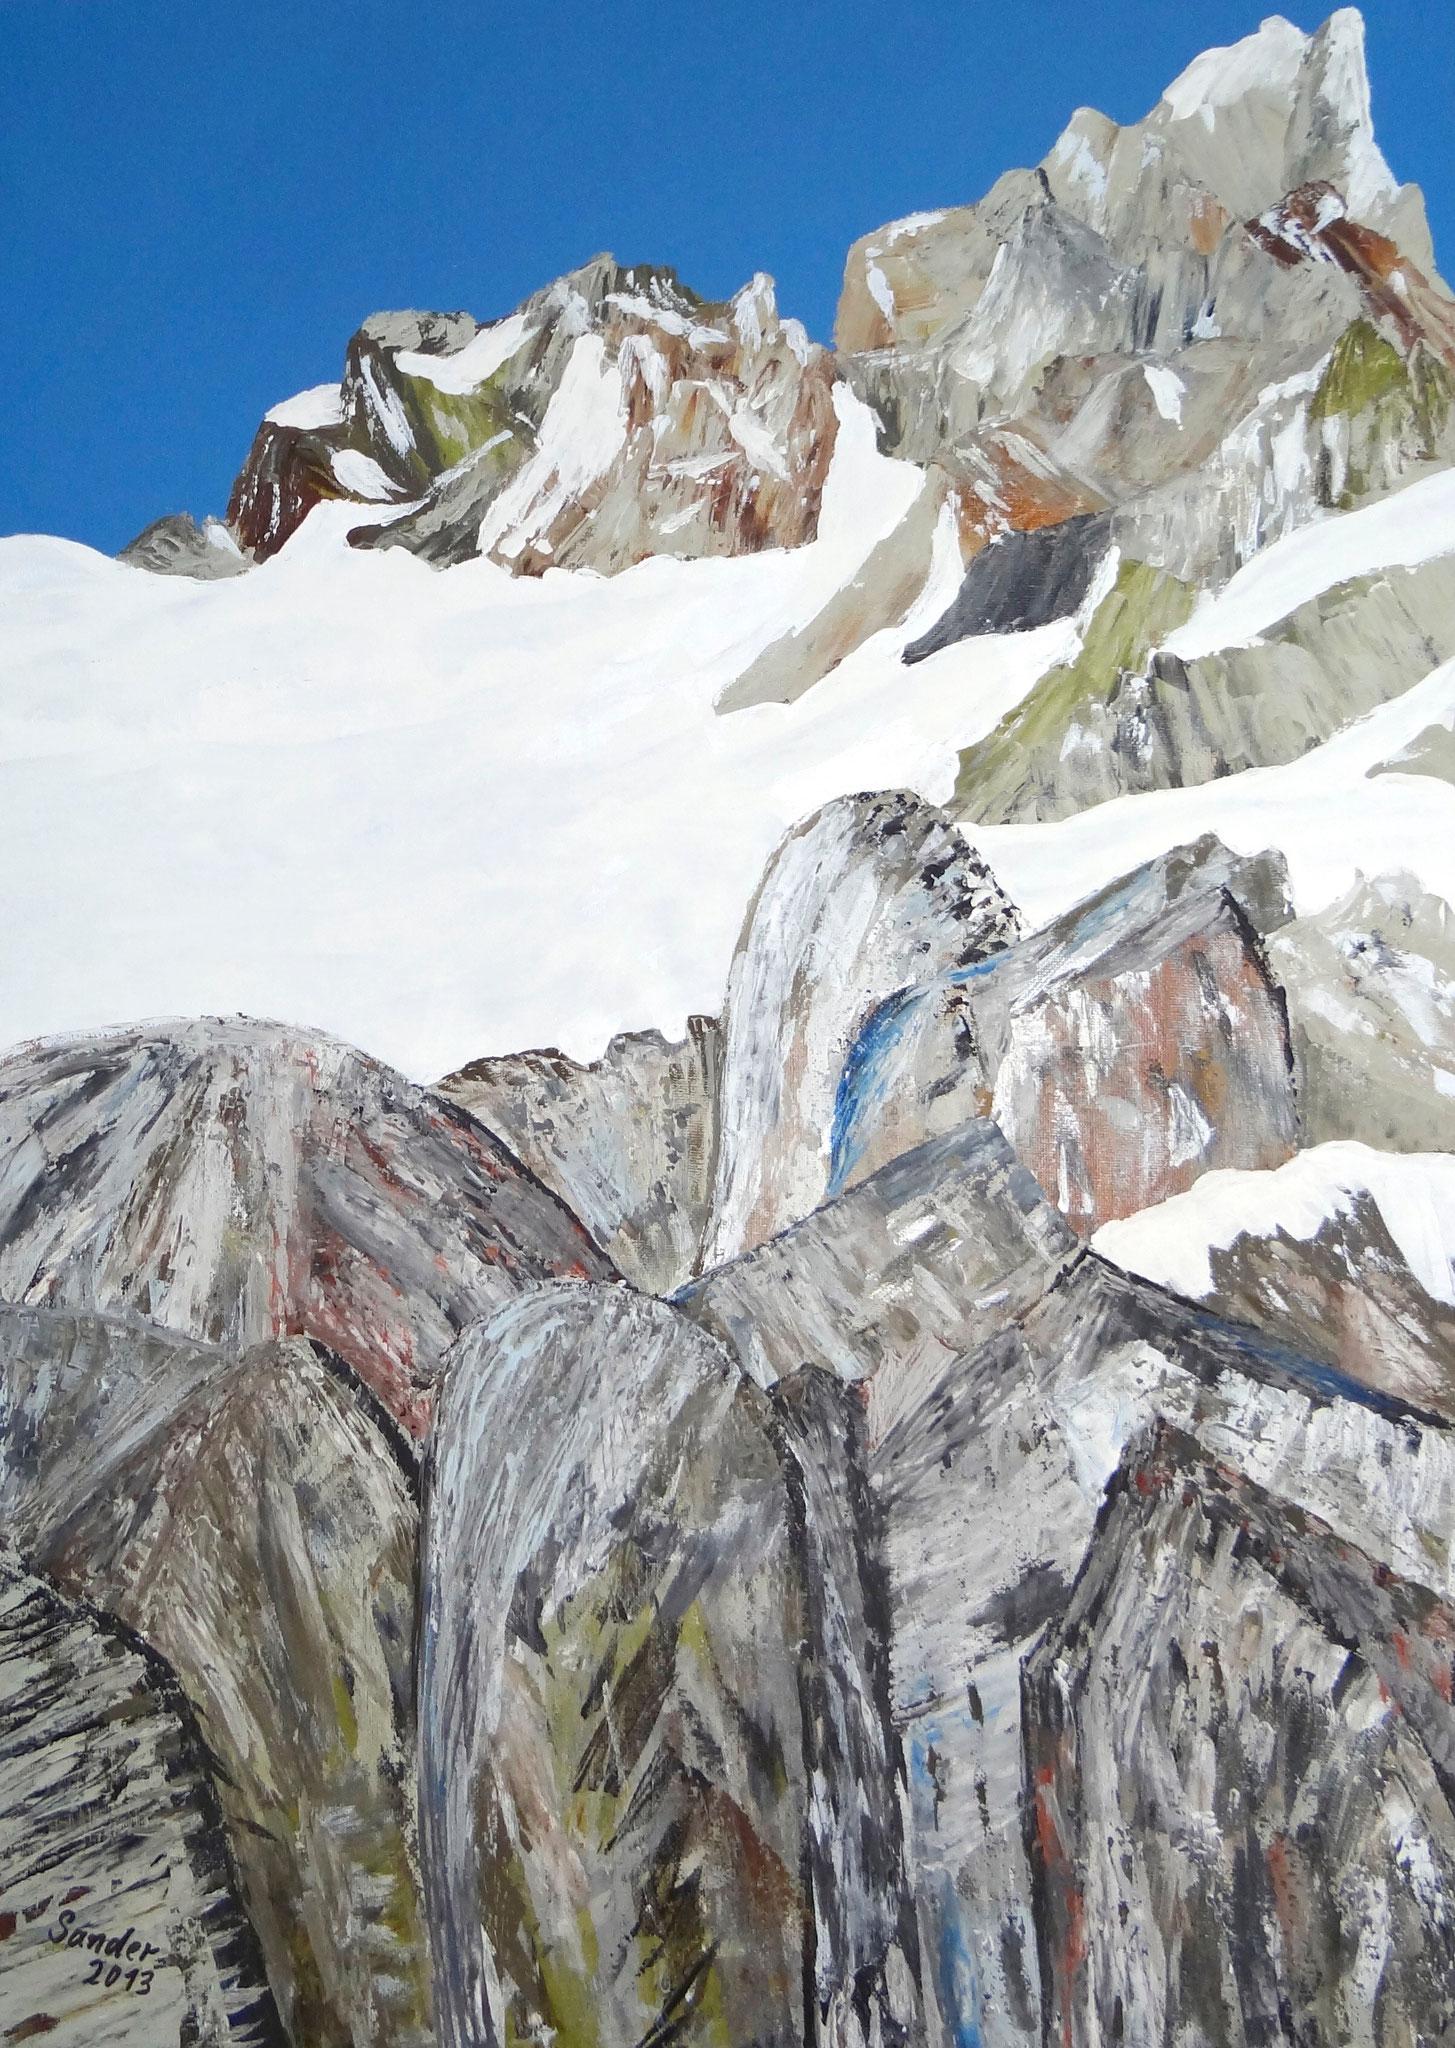 Alaska 5, 70 x 50 cm, Acrylfarben auf Keilrahmen, signiert und datiert 2013